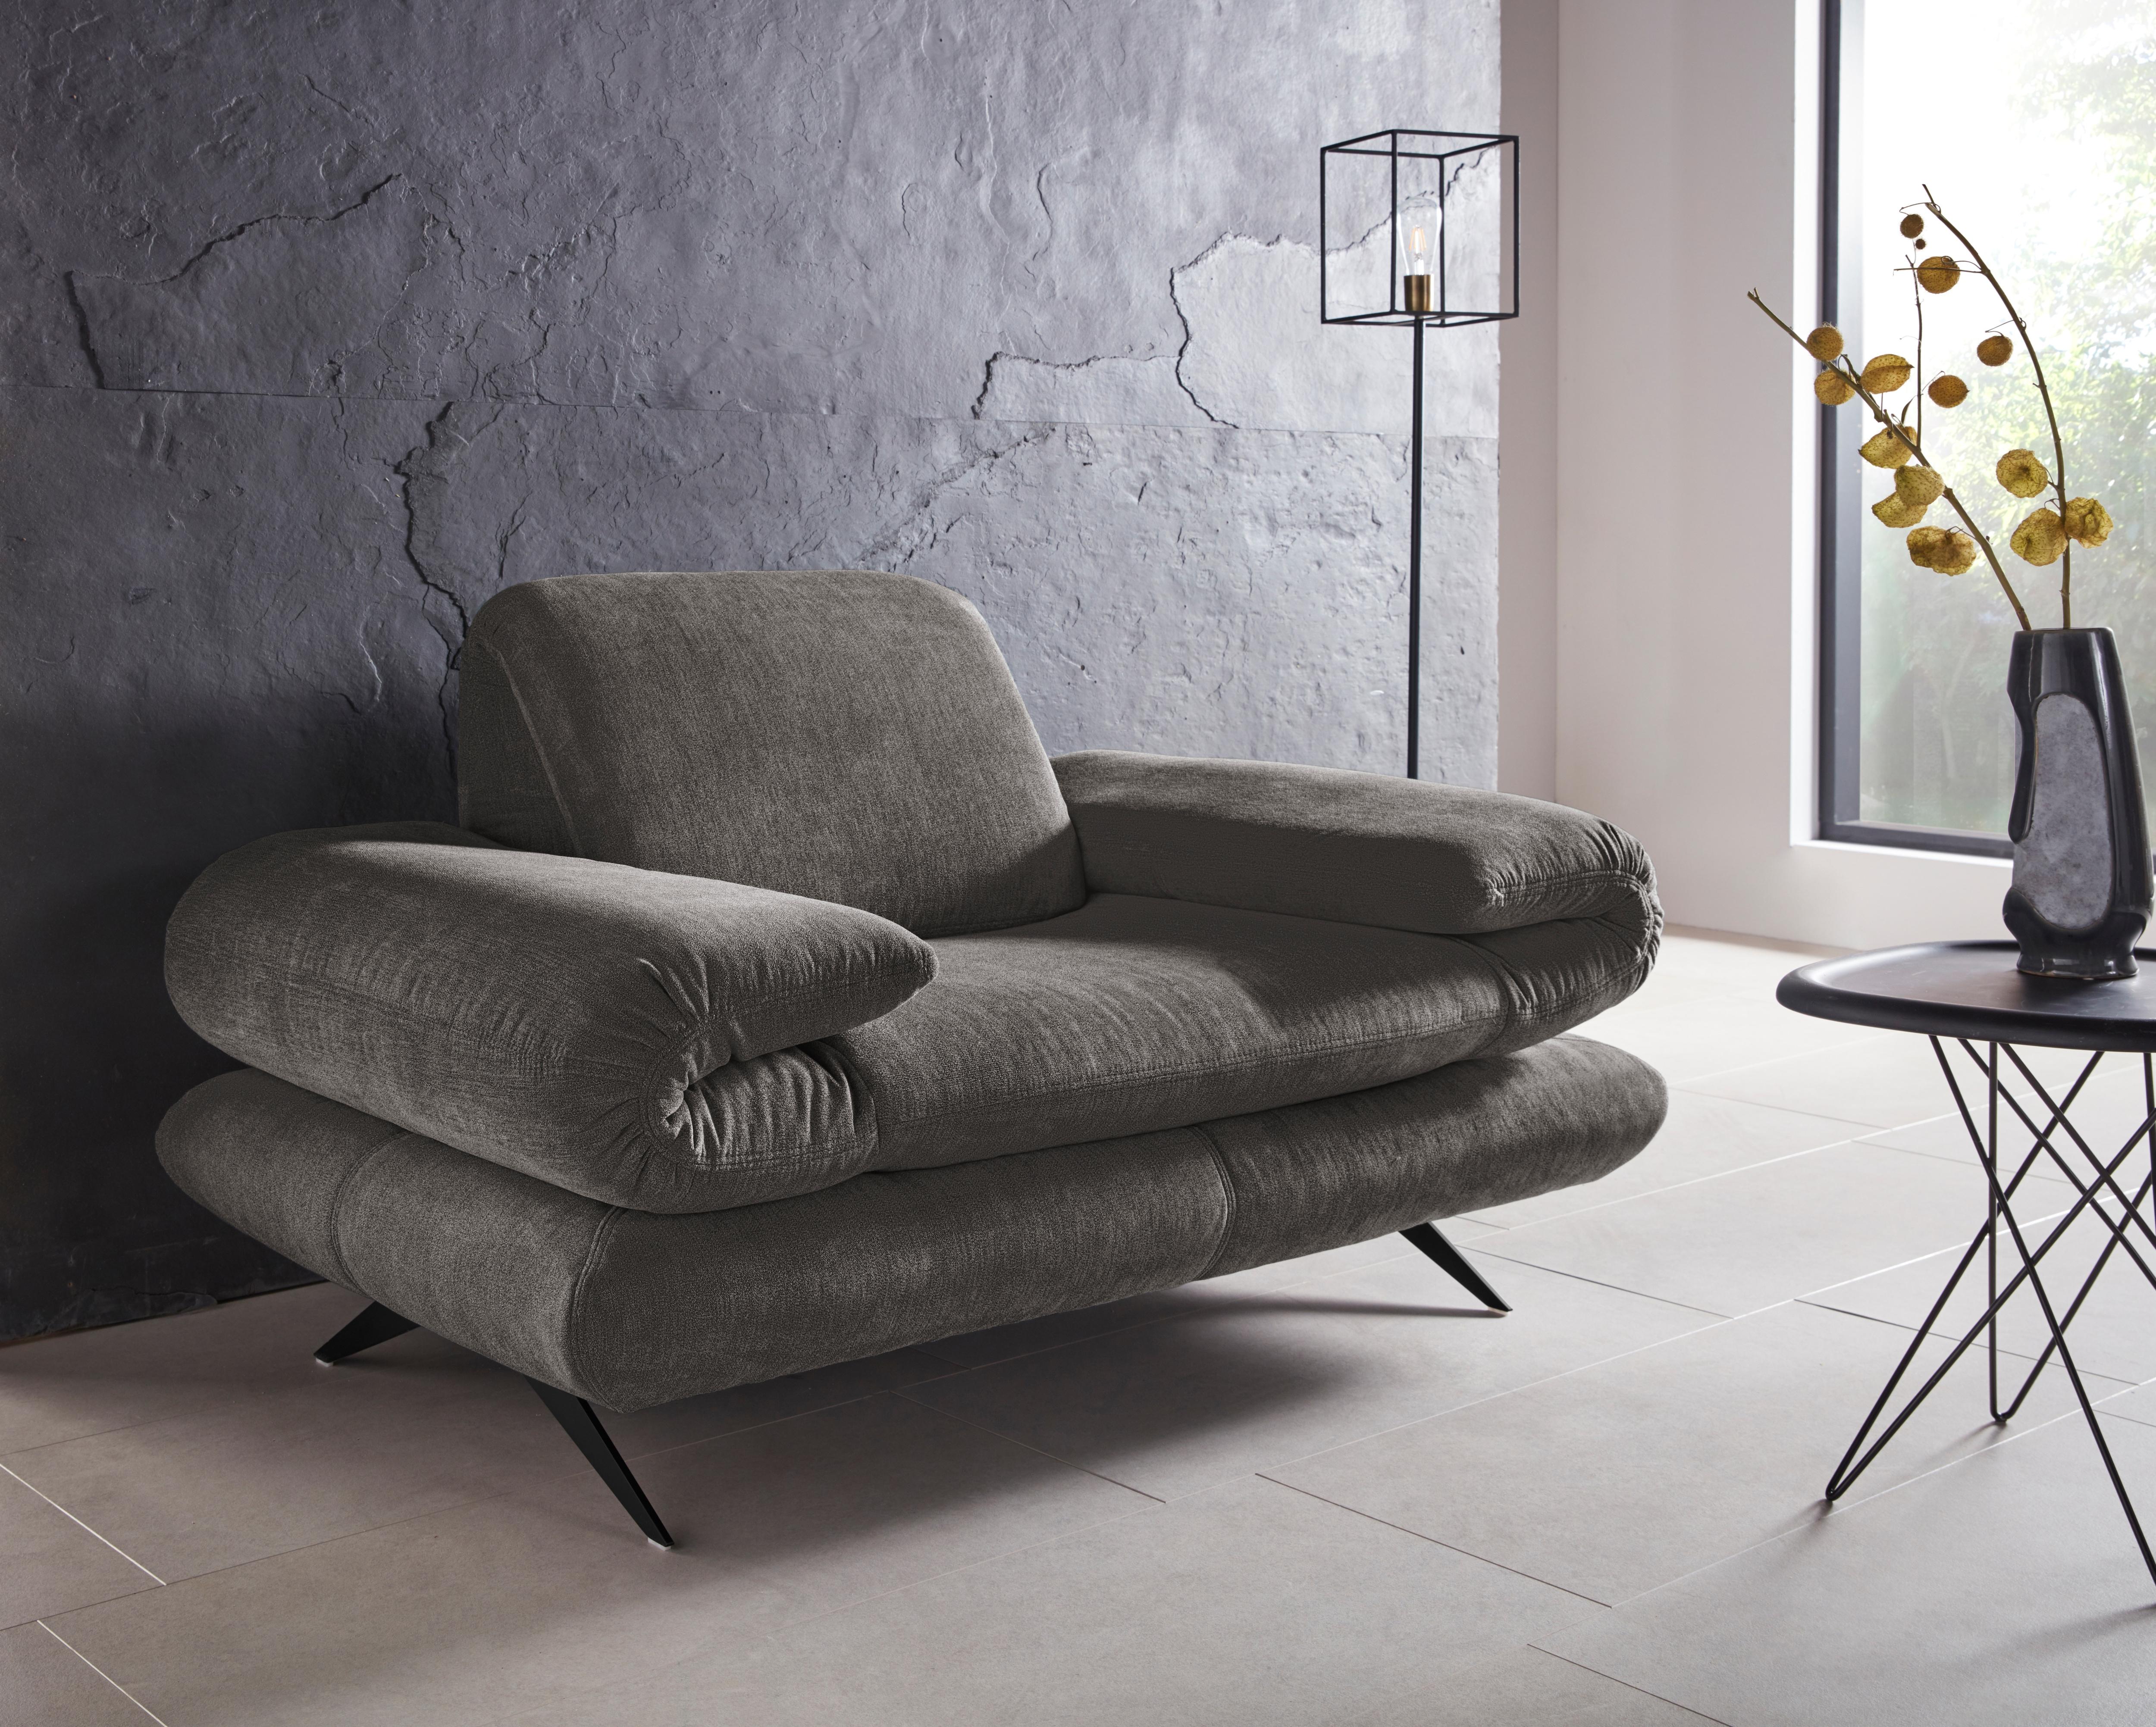 Places of Style Sessel Milano, wahweise mit verstellbarer Rückenlehne - auc günstig online kaufen